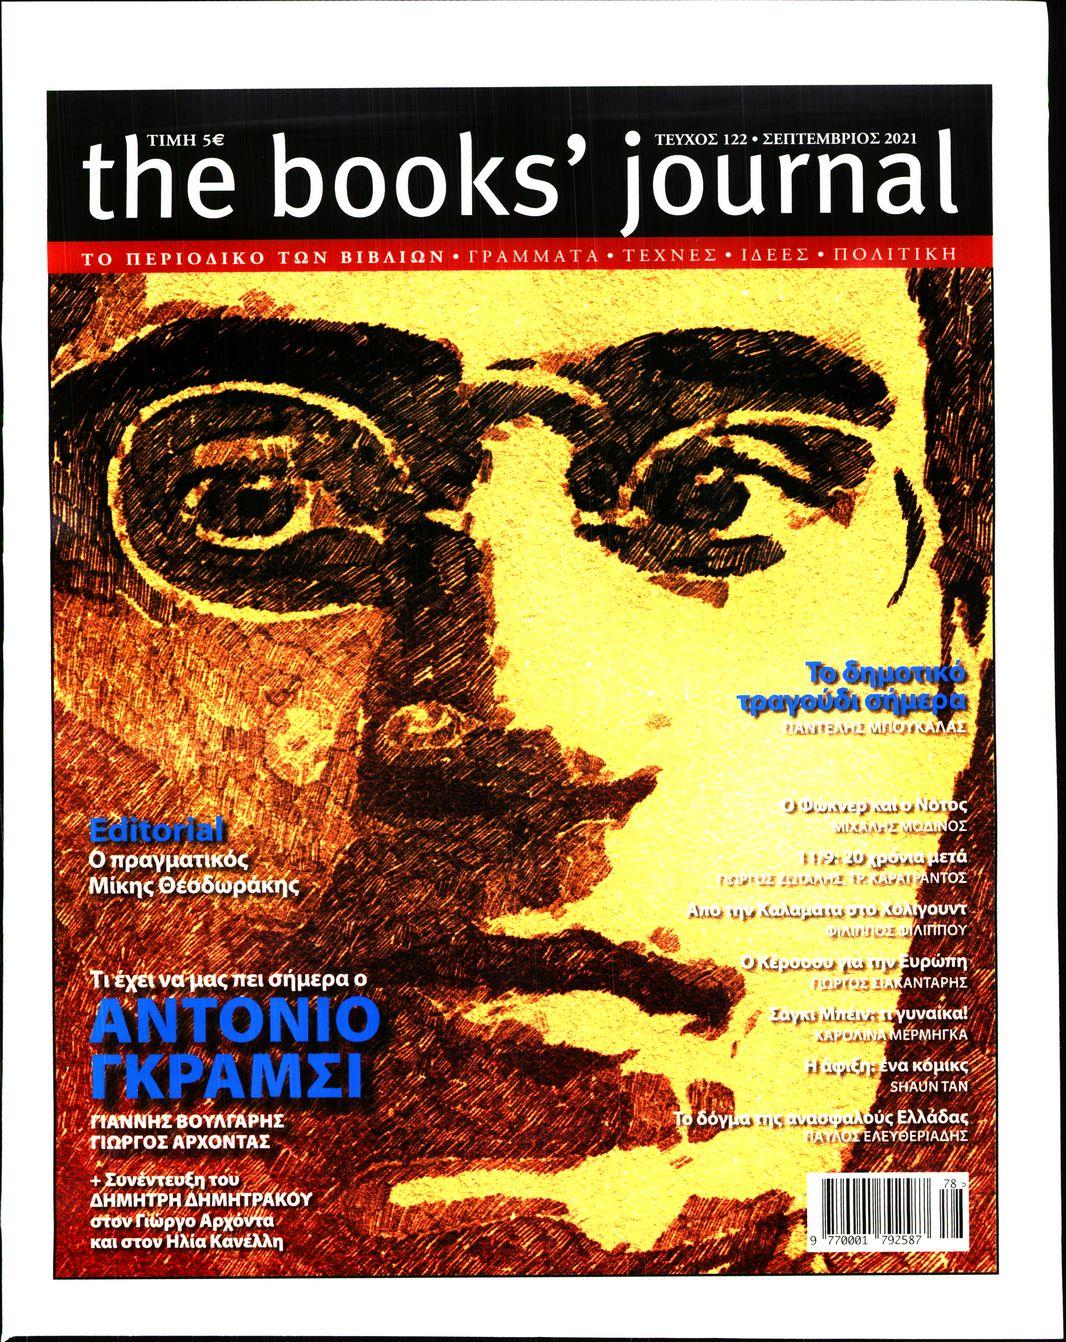 Πρωτοσέλιδο του εντύπου «THE BOOKS JOURNAL» που δημοσιεύτηκε στις 01/09/2021